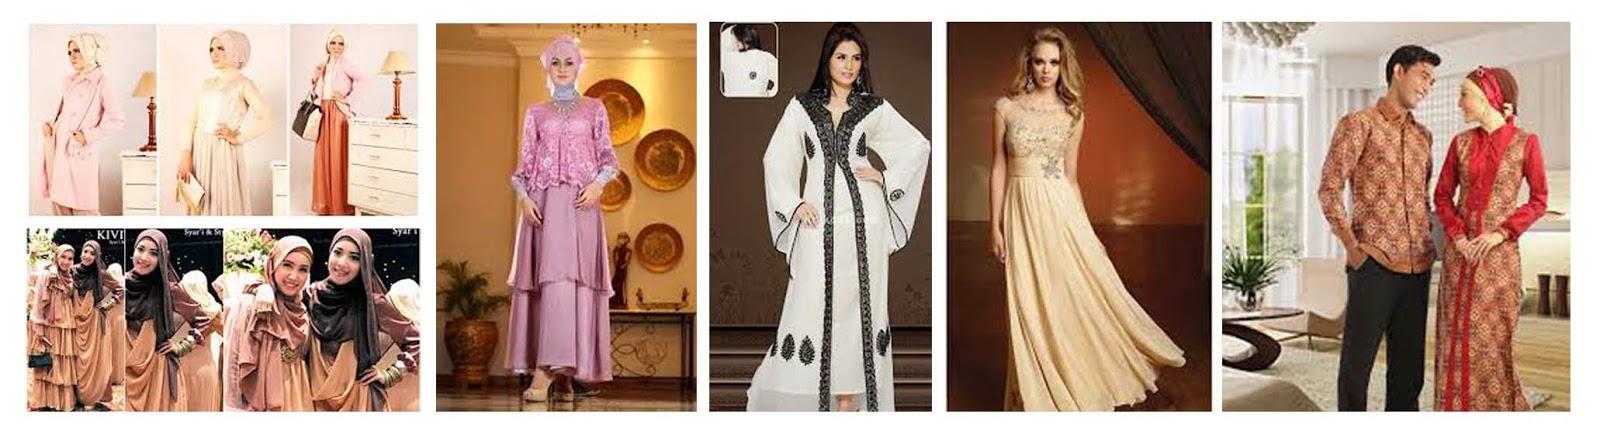 Busana Muslim Pesta Pernikahan Yang Fashionable